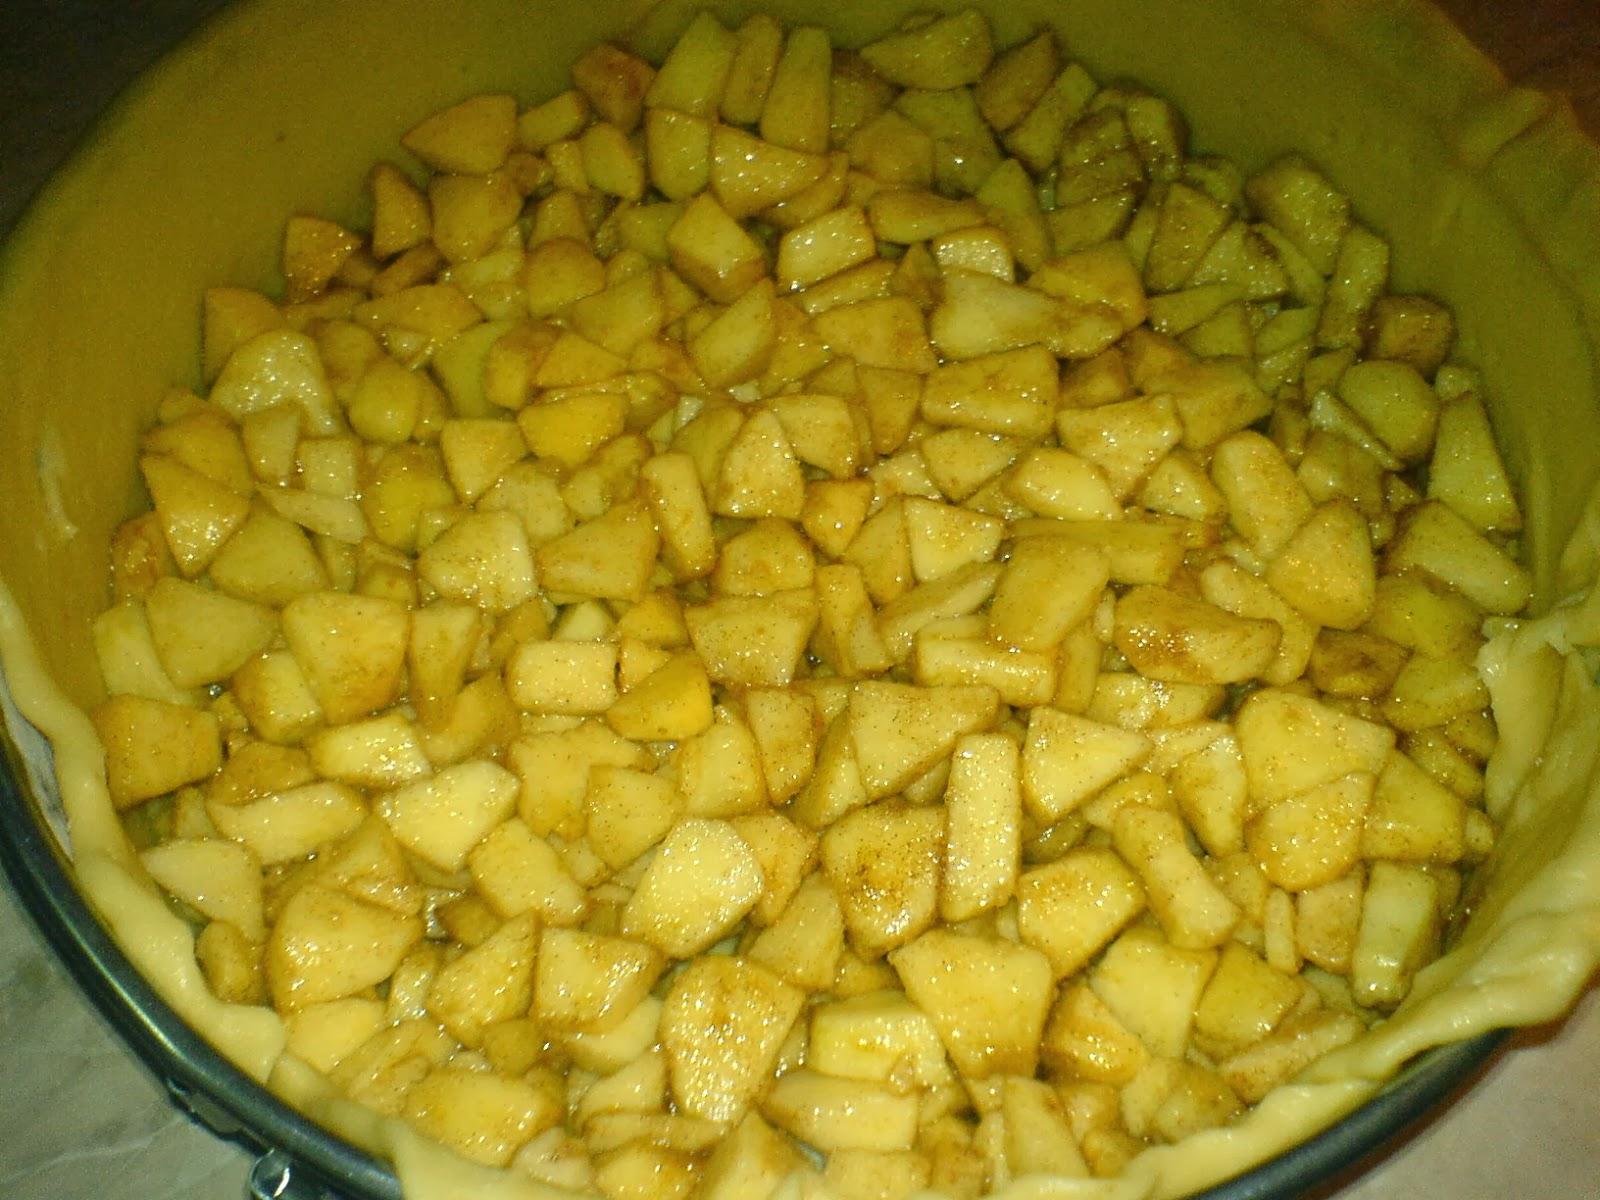 placinta cu mere reteta, cum facem o placinta de mere, retete de prajituri, dulciuri, retete culinare,